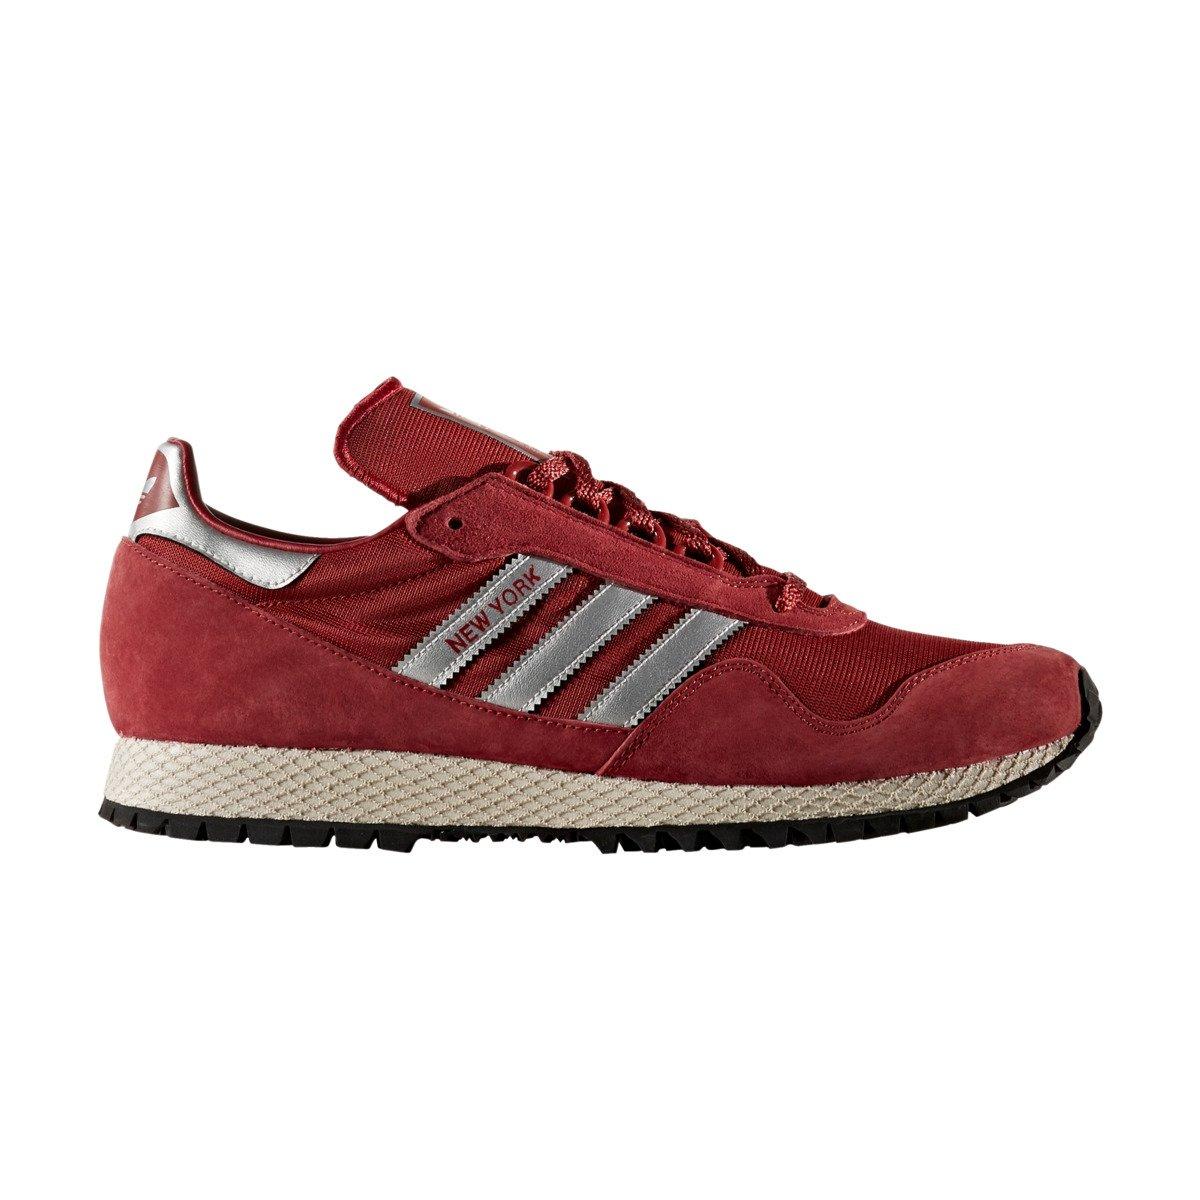 dd63dc96c8d98 Buty Adidas New York - BB1189 - Basketo.pl